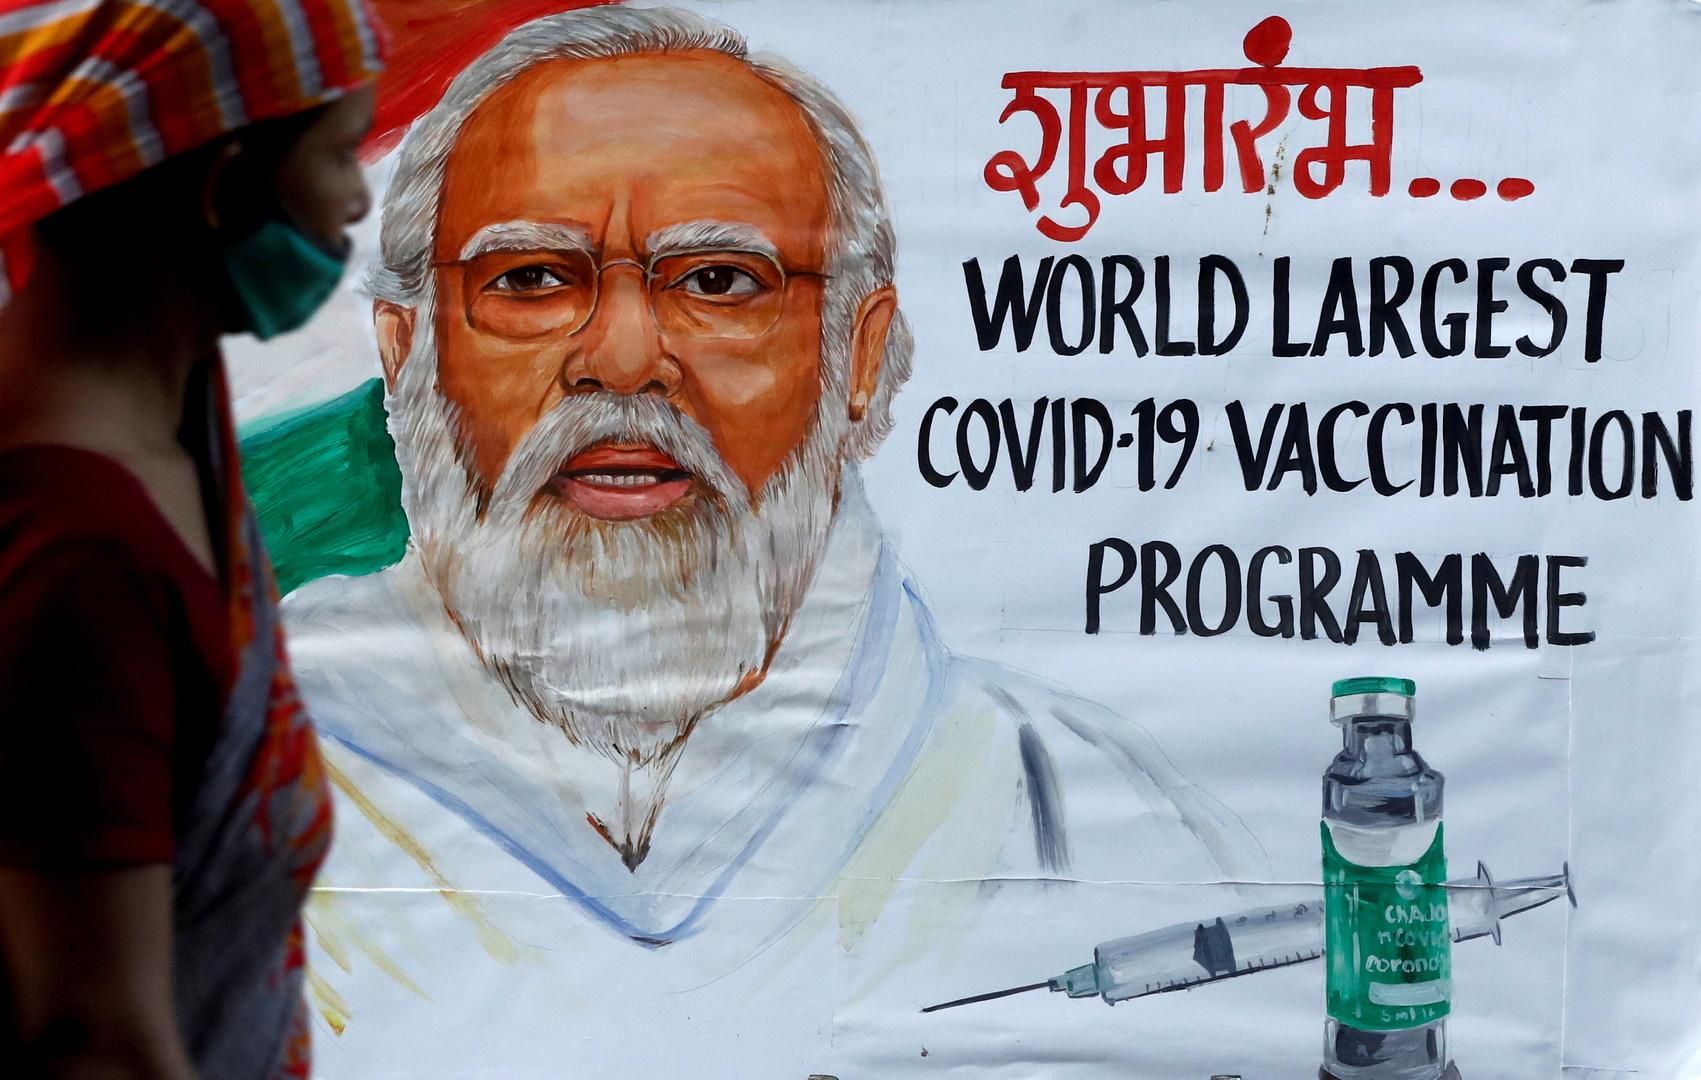 رسمة جدارية لرئيس الوزراء الهندي ناريندرا مودي